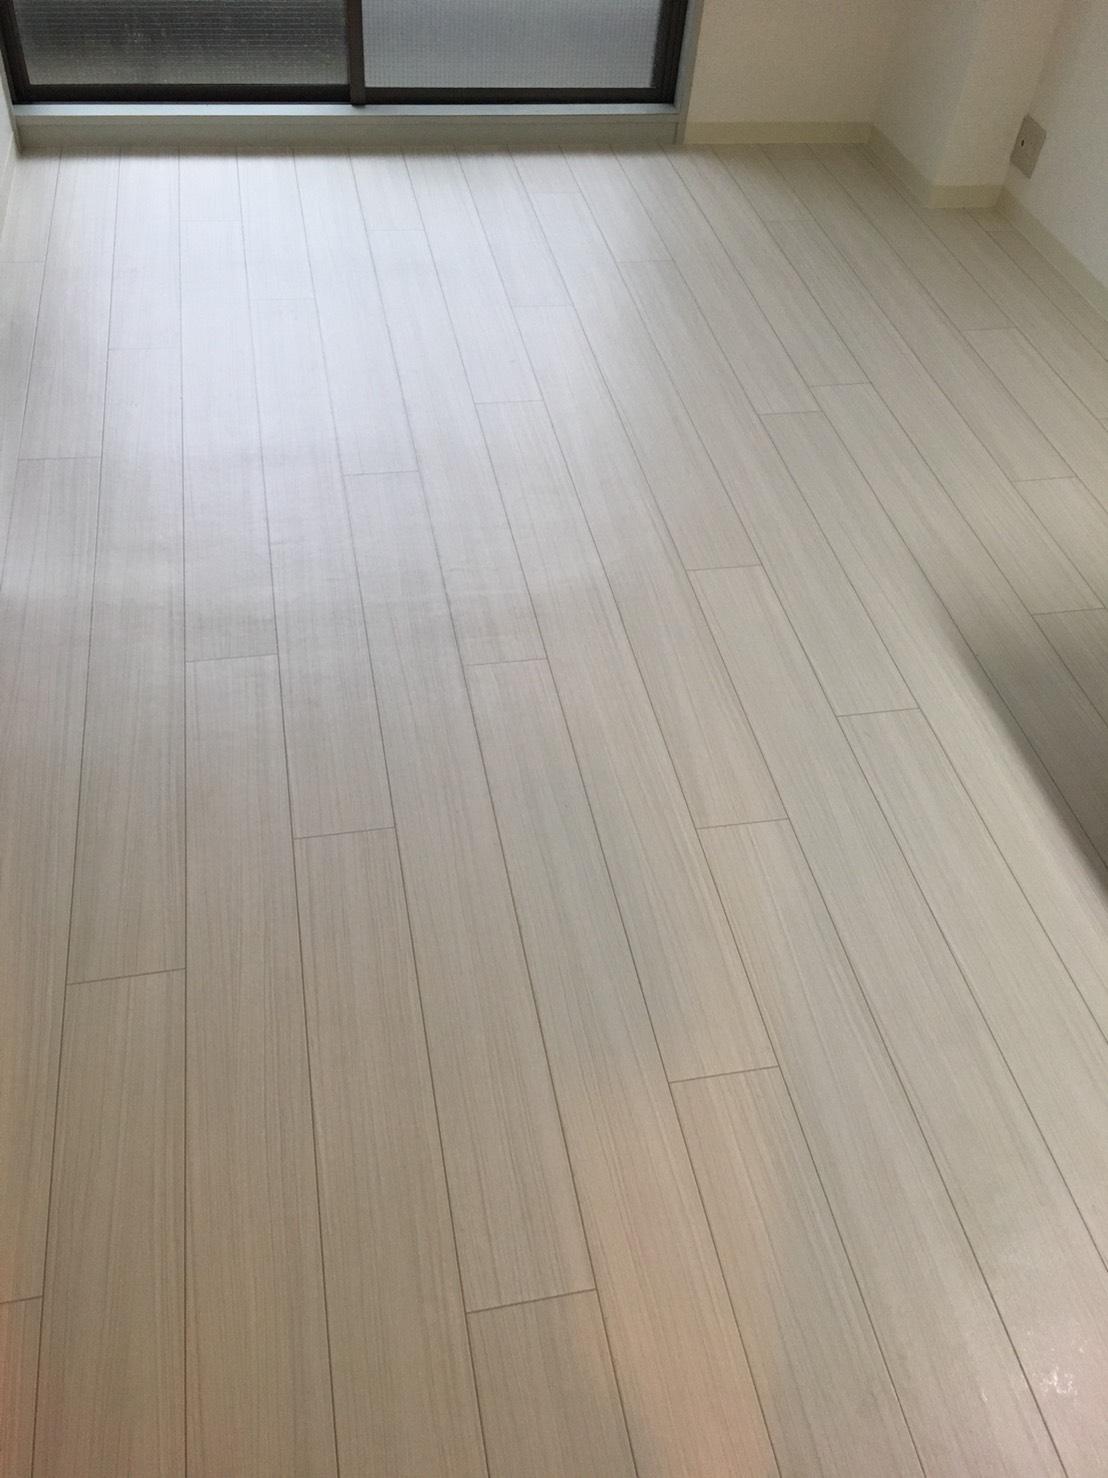 フローリング清掃!伊丹市・宝塚市・川西市の地域密着ハウスクリーニング!フローリング清掃はおそうじプラスへお任せください!